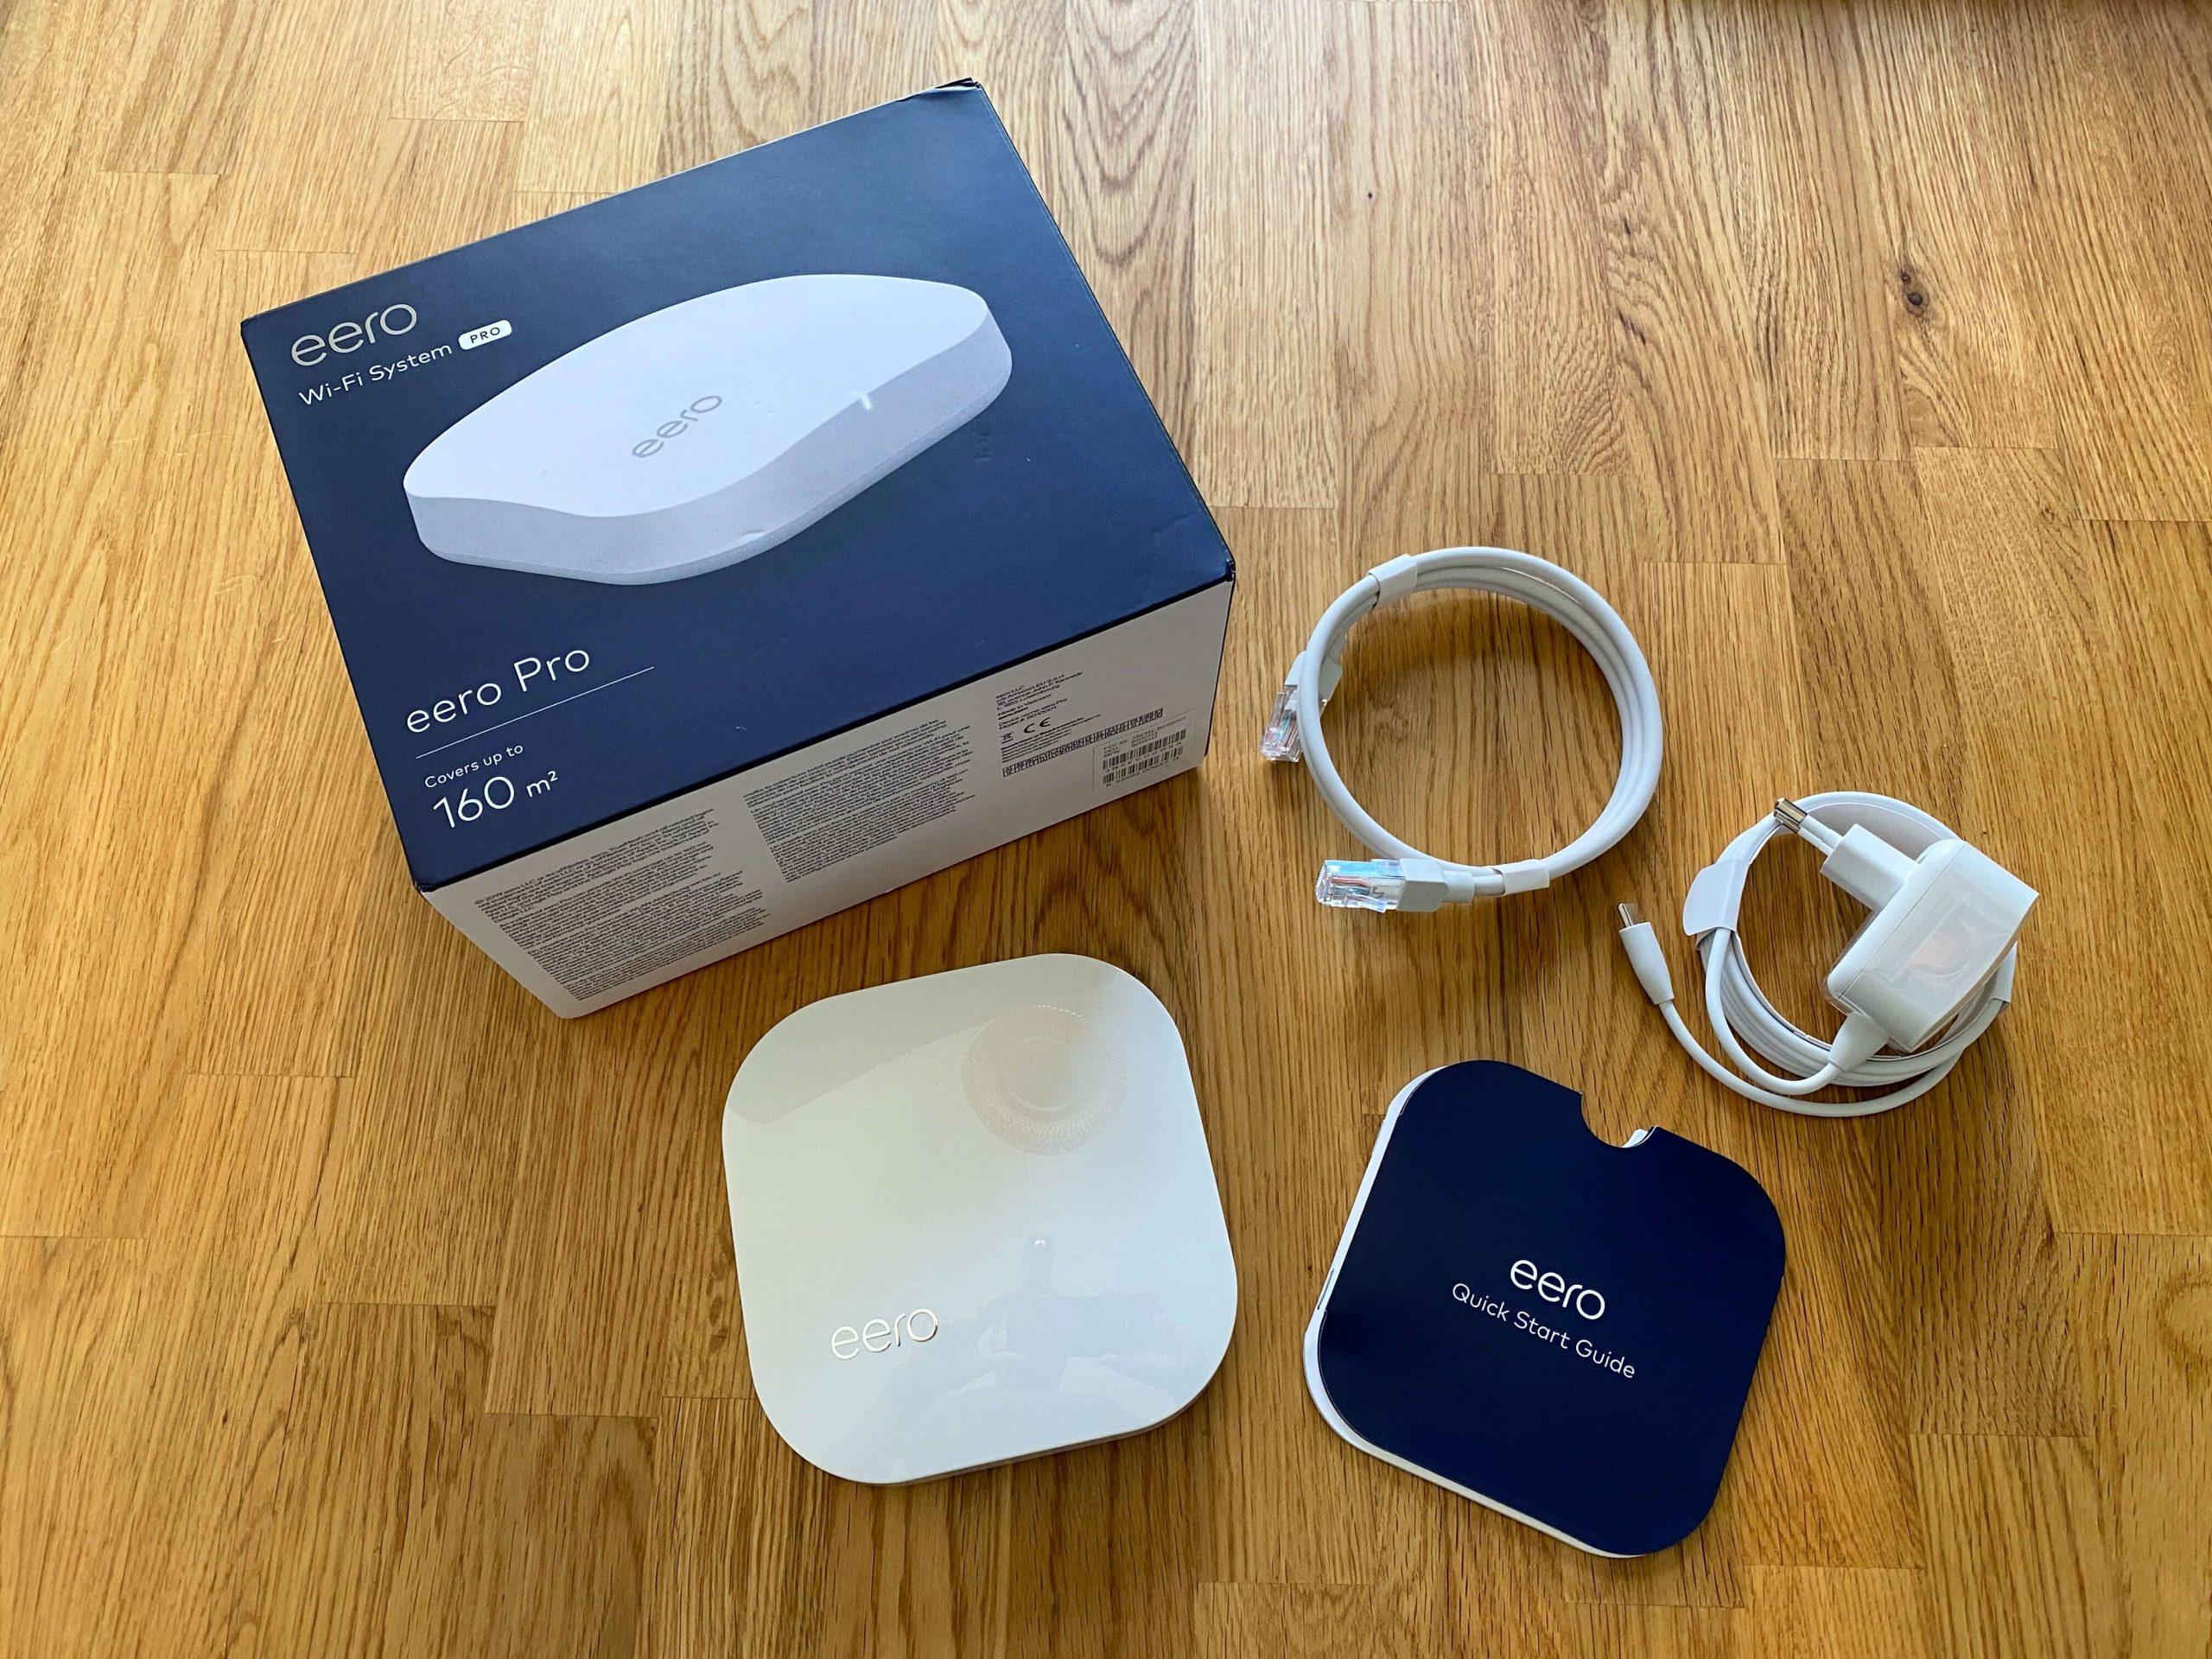 Apple-HomeKit-Router-von-eero-besondere-Sicherheit-im-SmartHome4-scaled Apple HomeKit Router von eero - maximale Sicherheit im Apple HomeKit-Zuhause